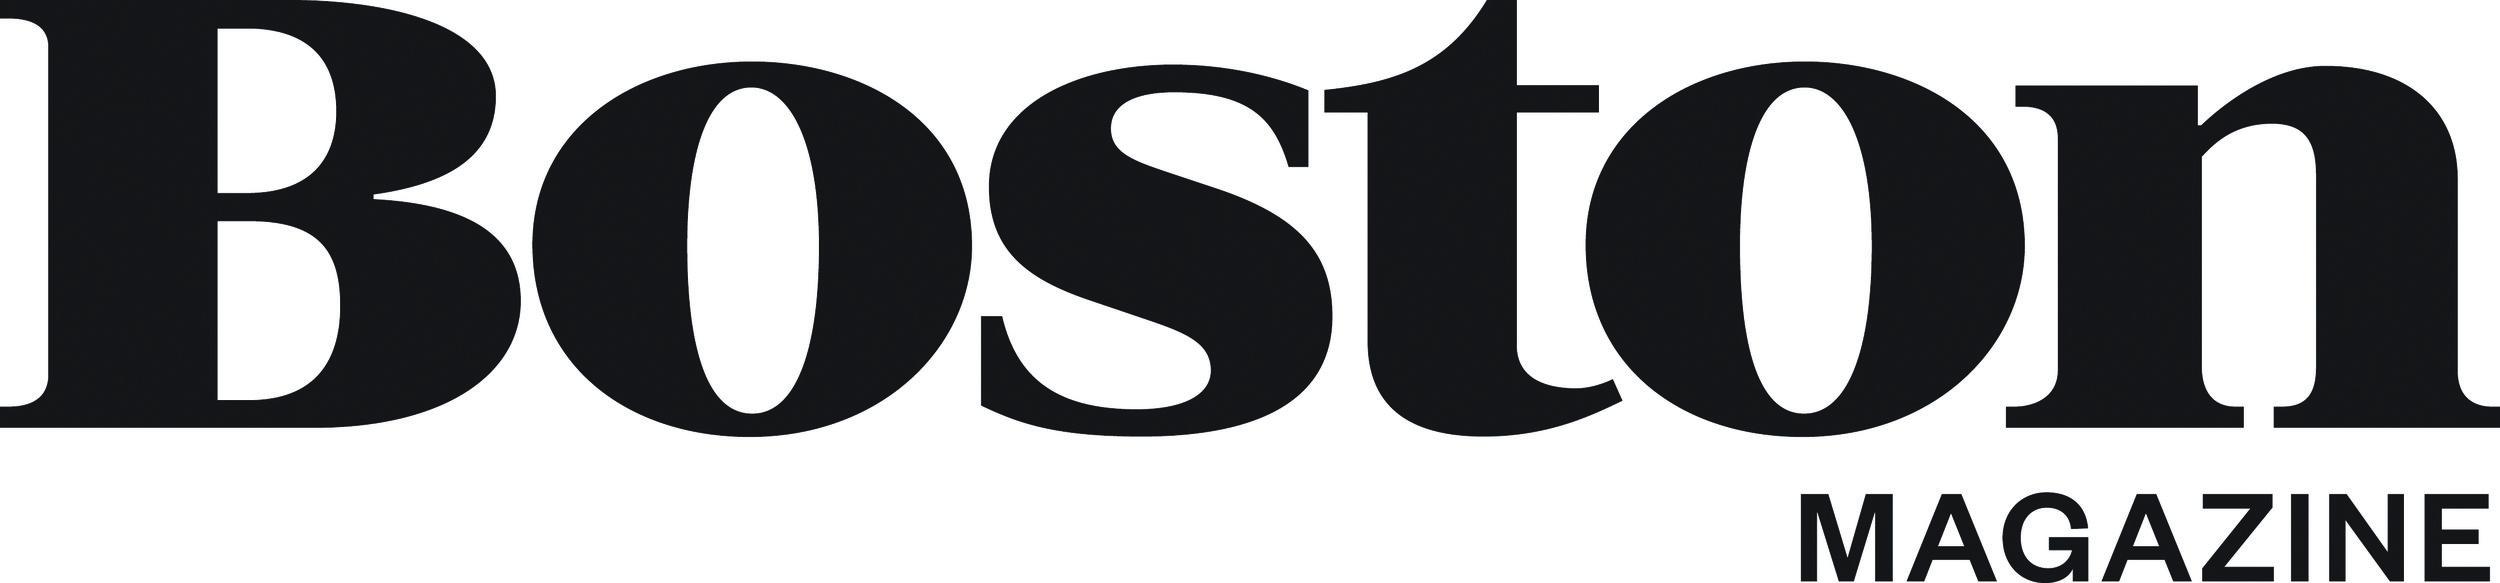 bostonmag_logo_new_wmag_1_0_1.jpg